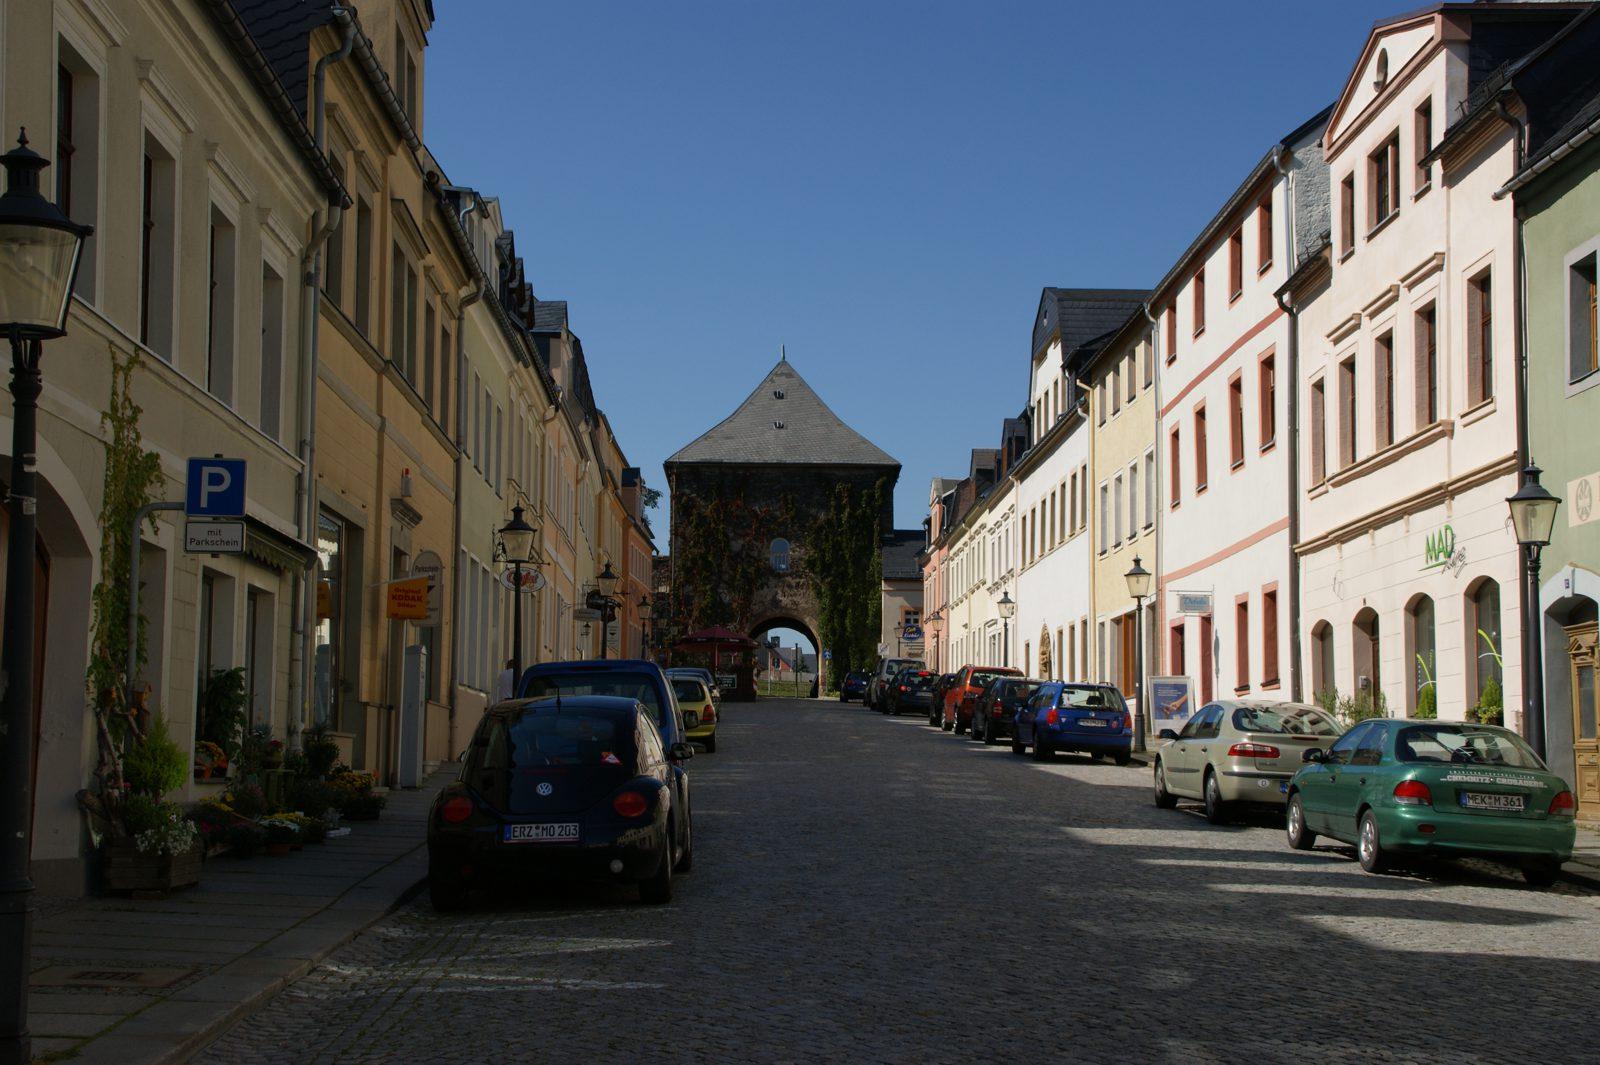 Schnitz- und Bastelverein am Zschopauer Tor